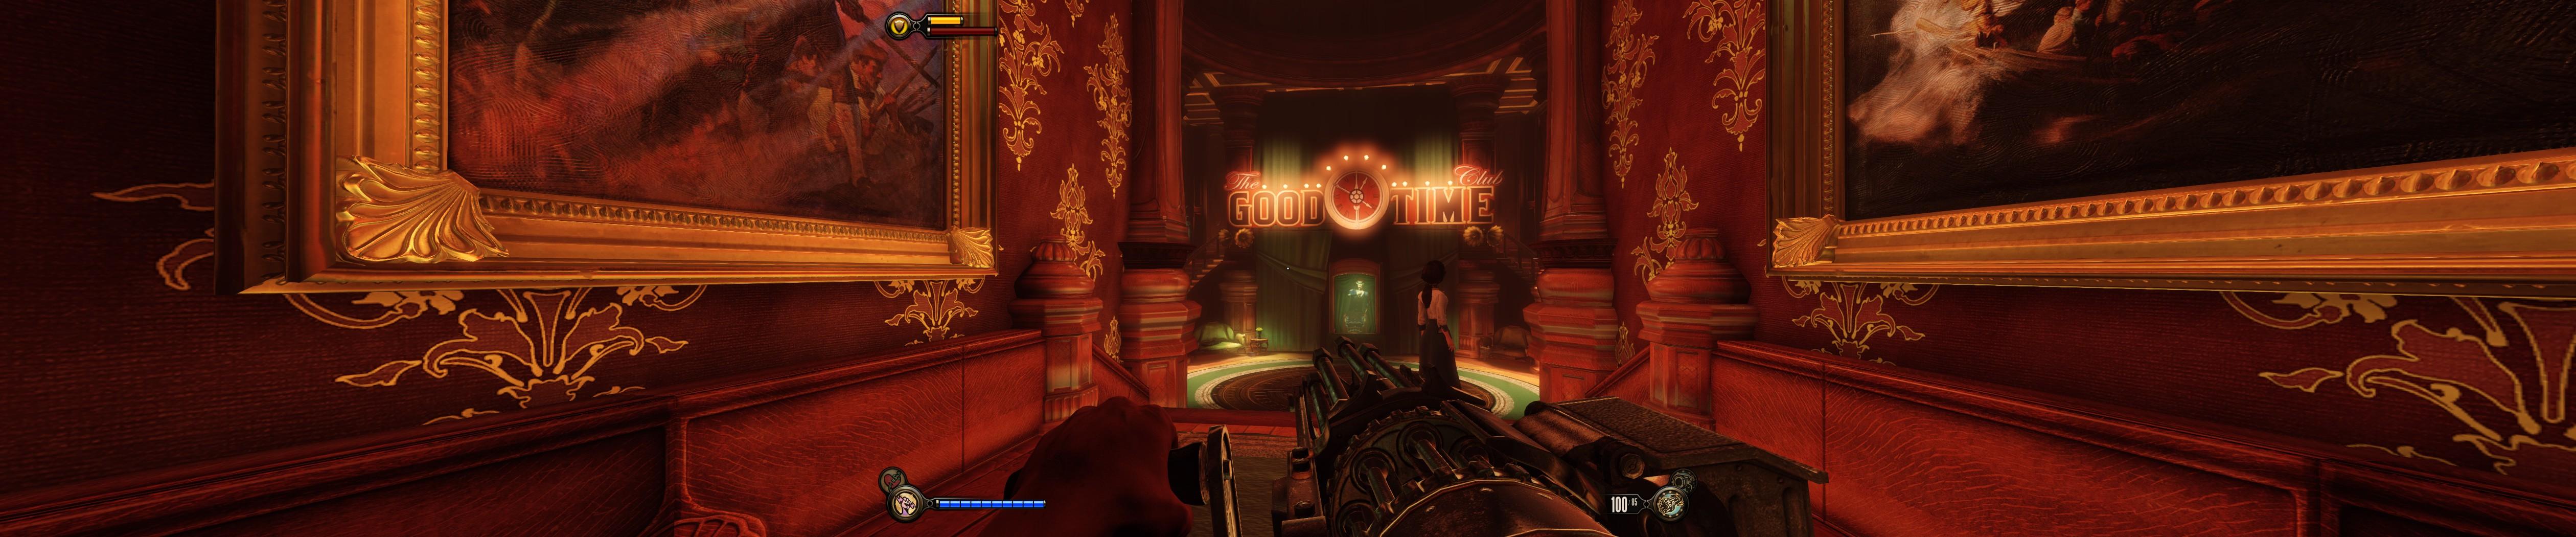 Bioshock_Infinite_2013-05-14_00015